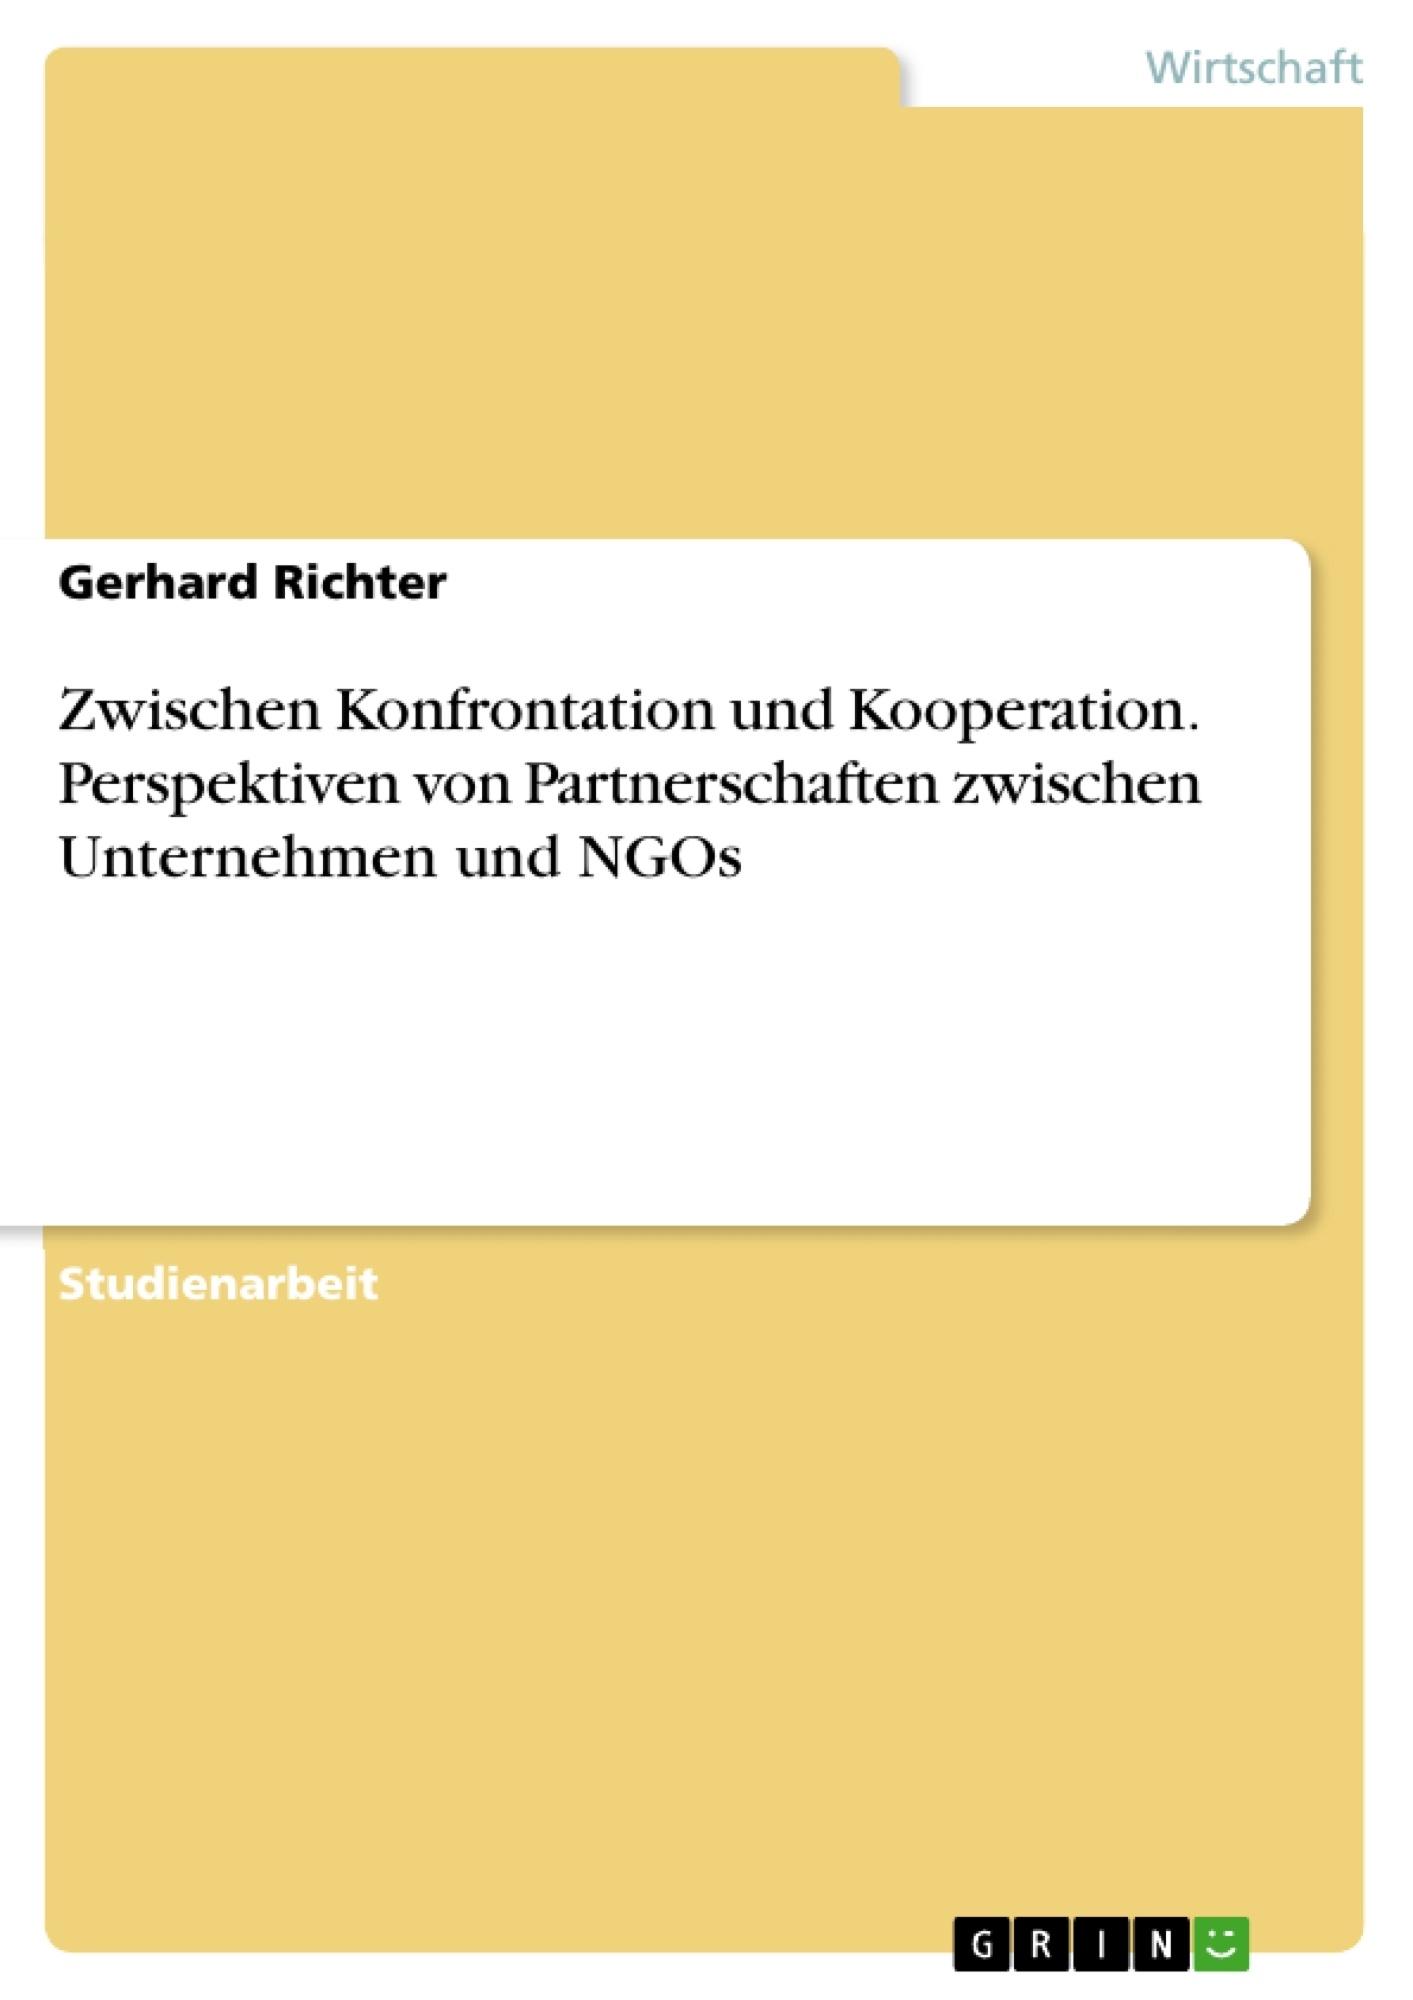 Titel: Zwischen Konfrontation und Kooperation. Perspektiven von Partnerschaften zwischen Unternehmen und NGOs